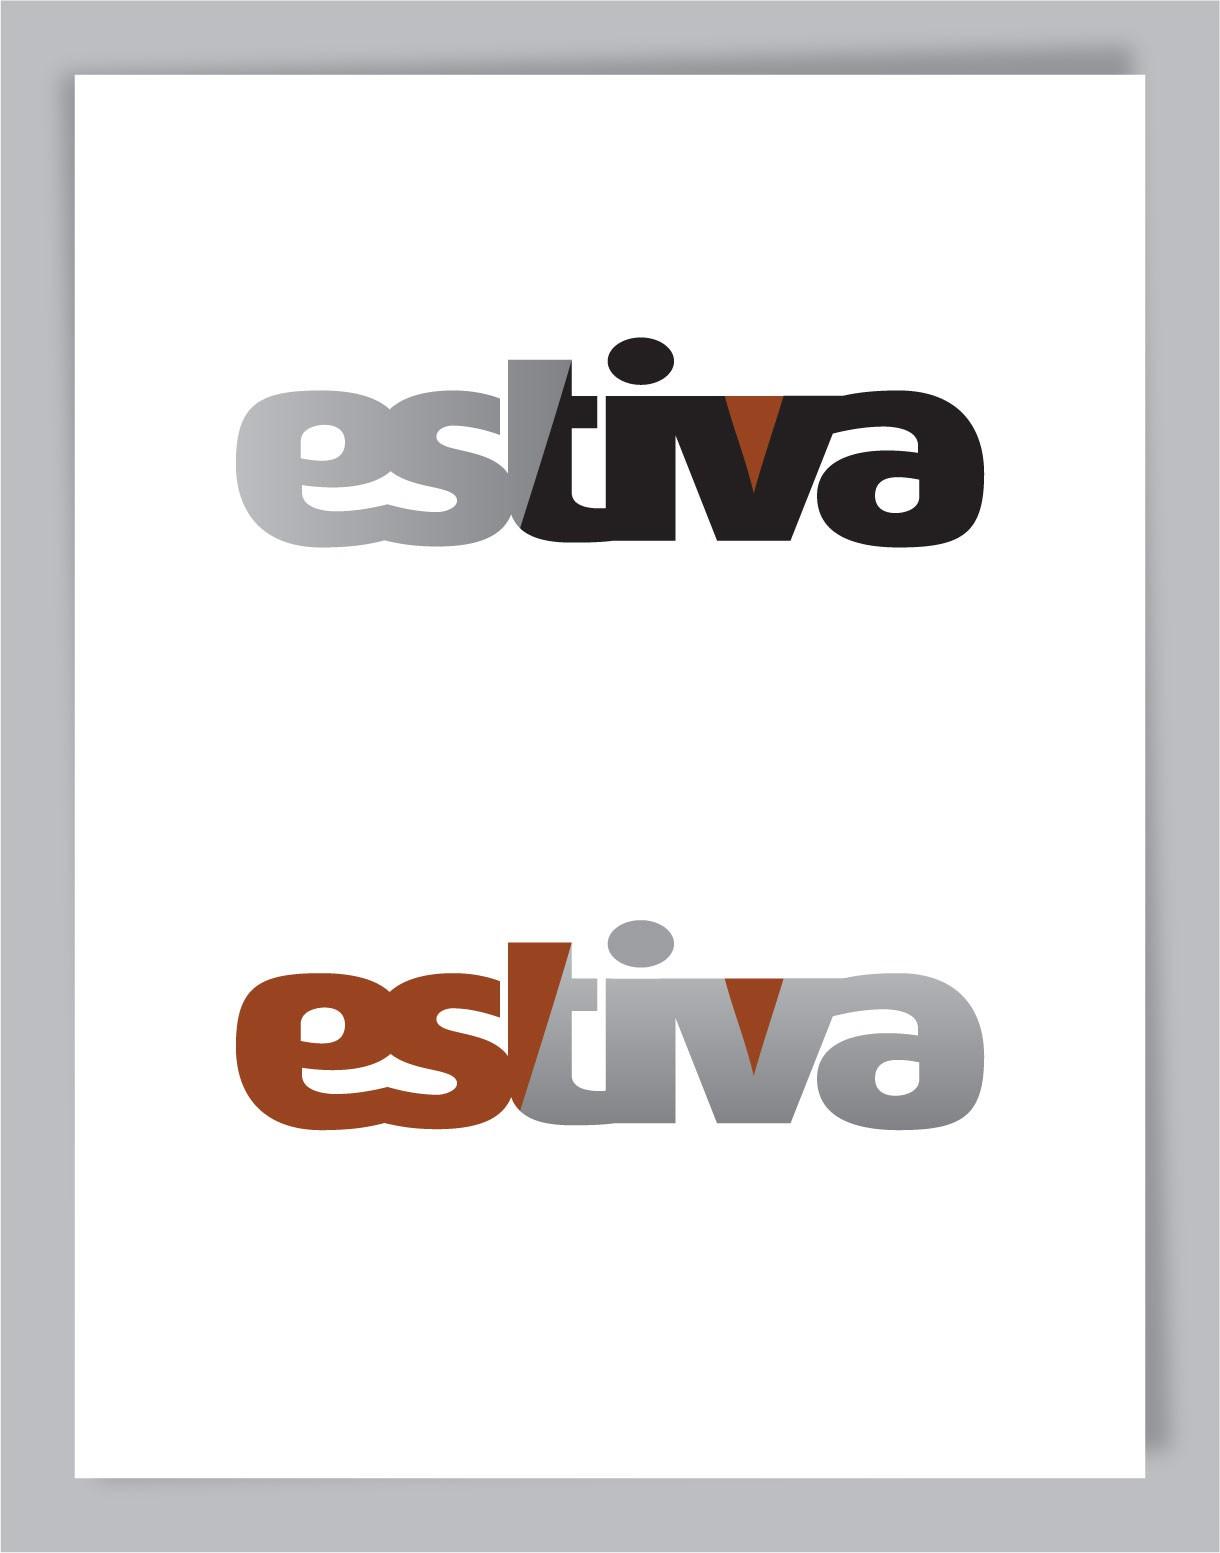 Logo for Estiva, a hip urban apartment develoment